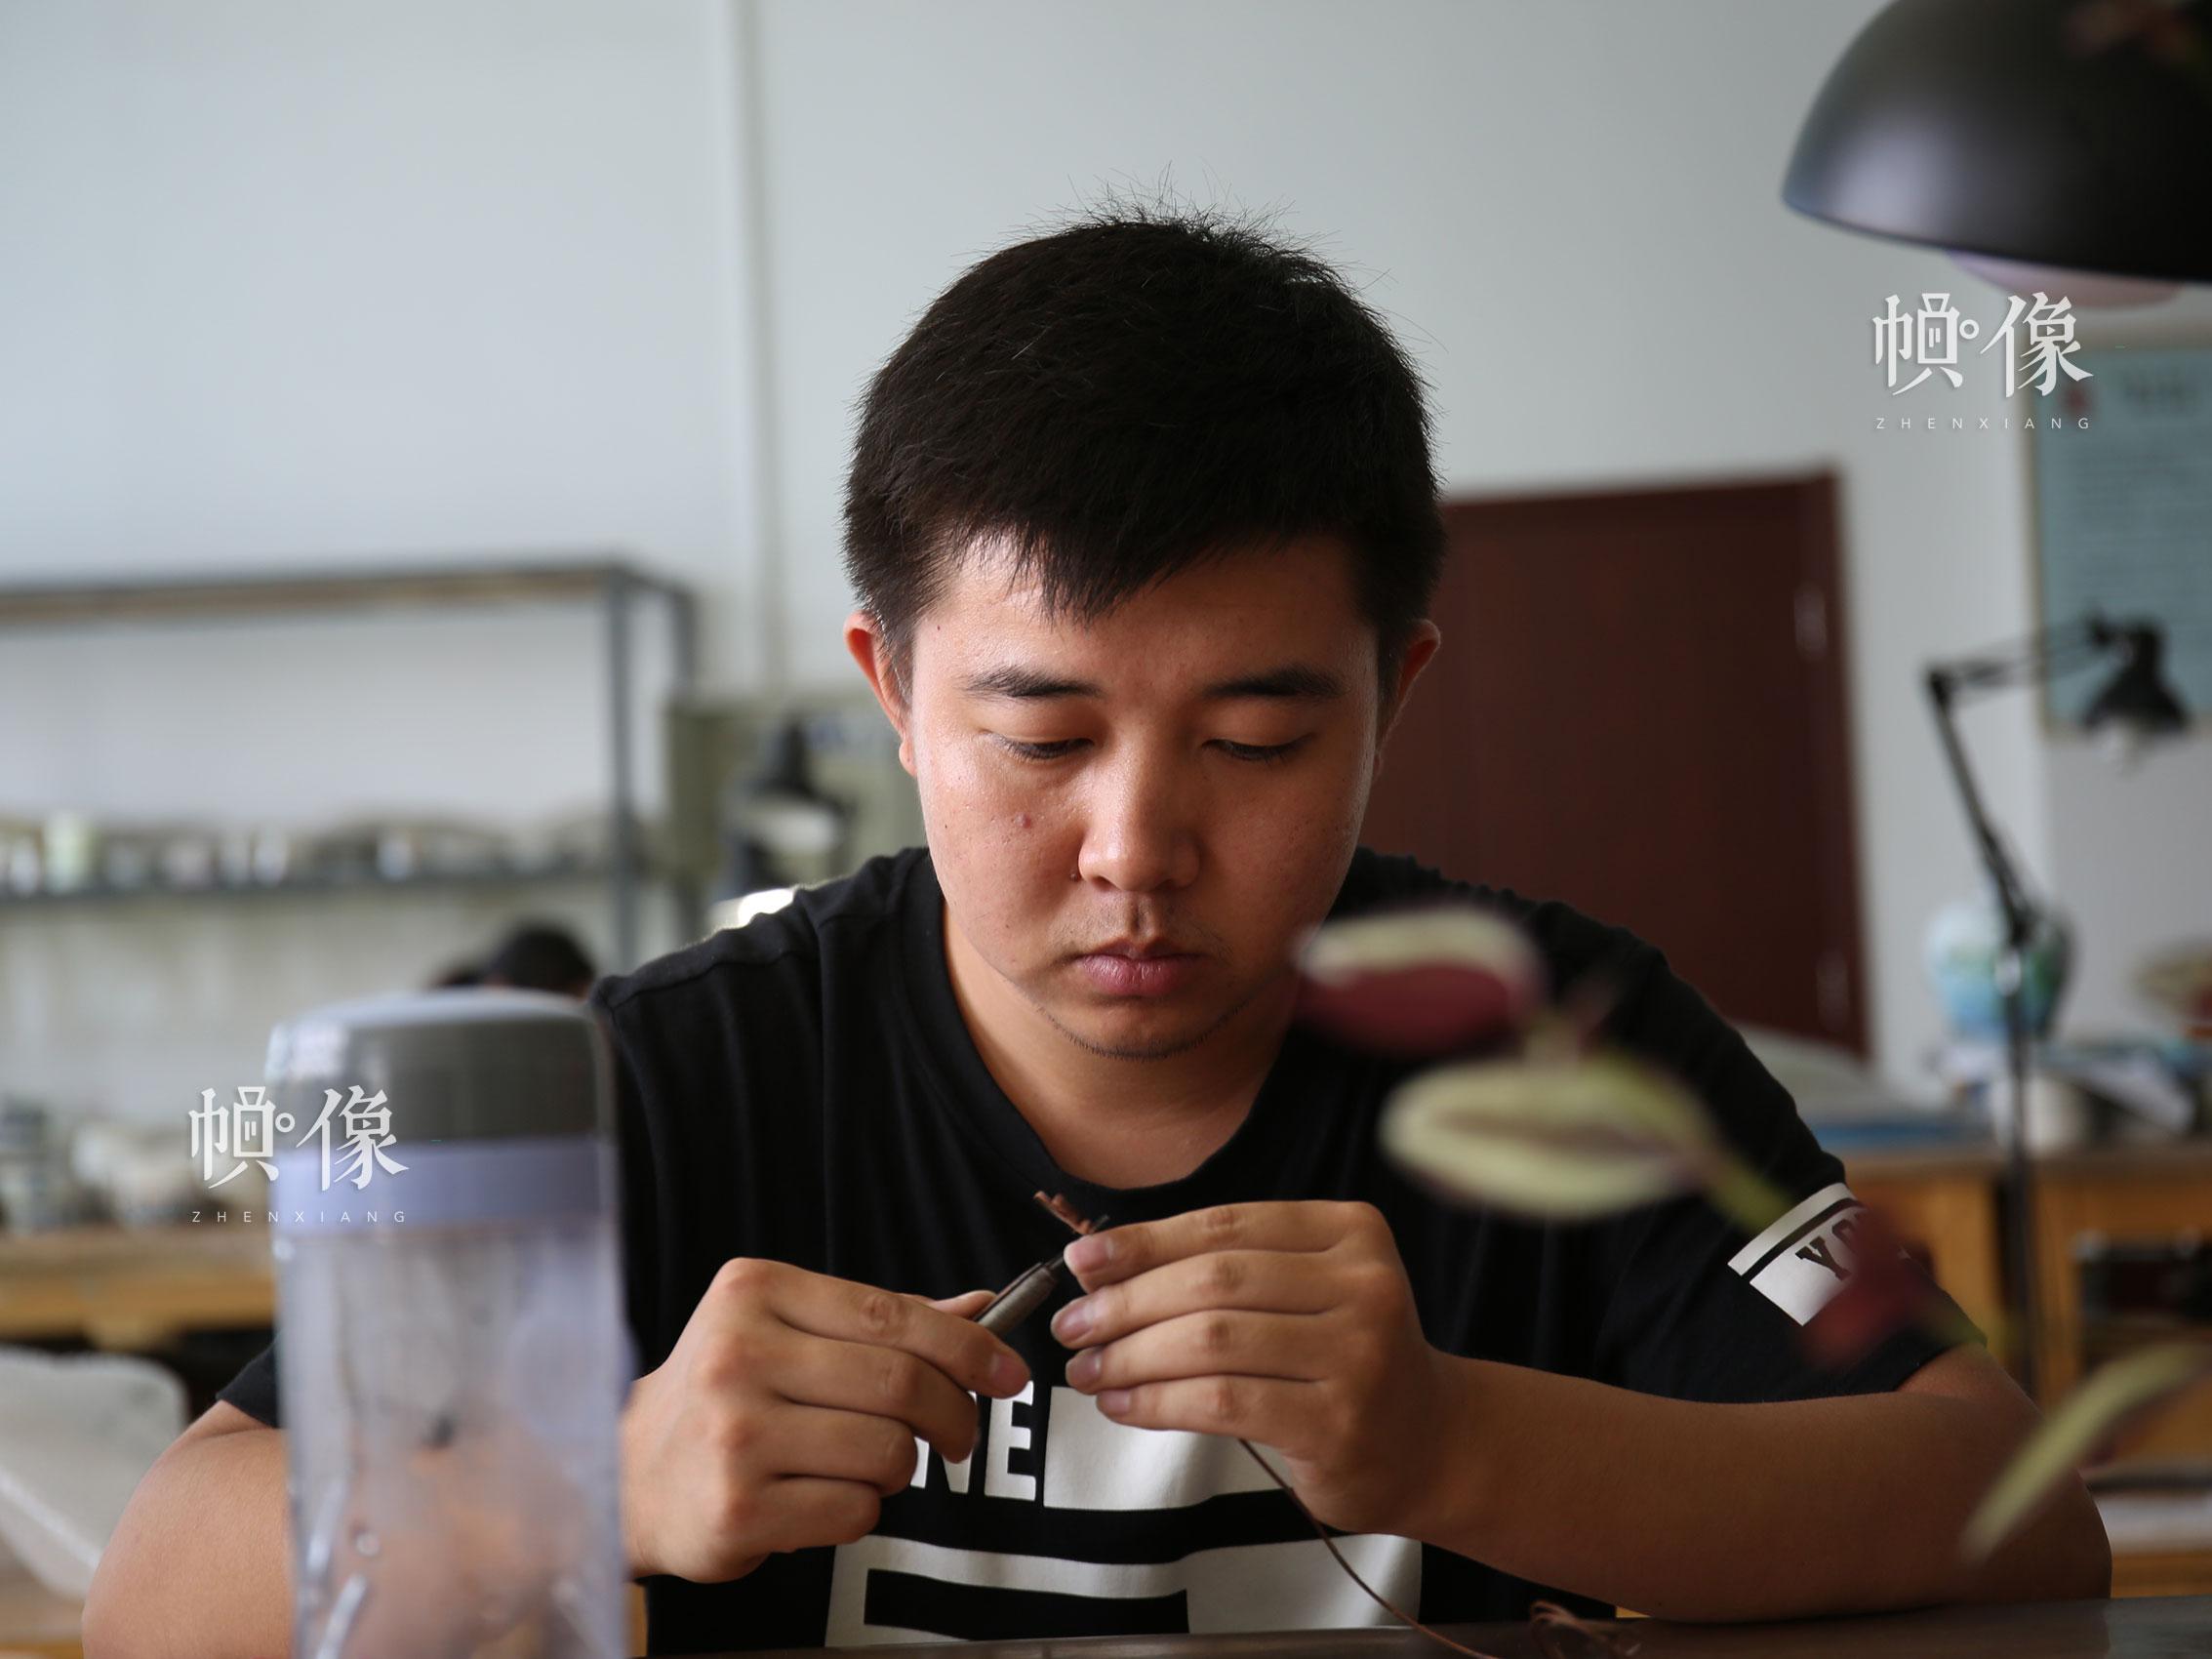 """2017年9月5日,北京工美集团景泰蓝工匠进行""""掐丝""""工艺。中国网记者 赵超 摄"""